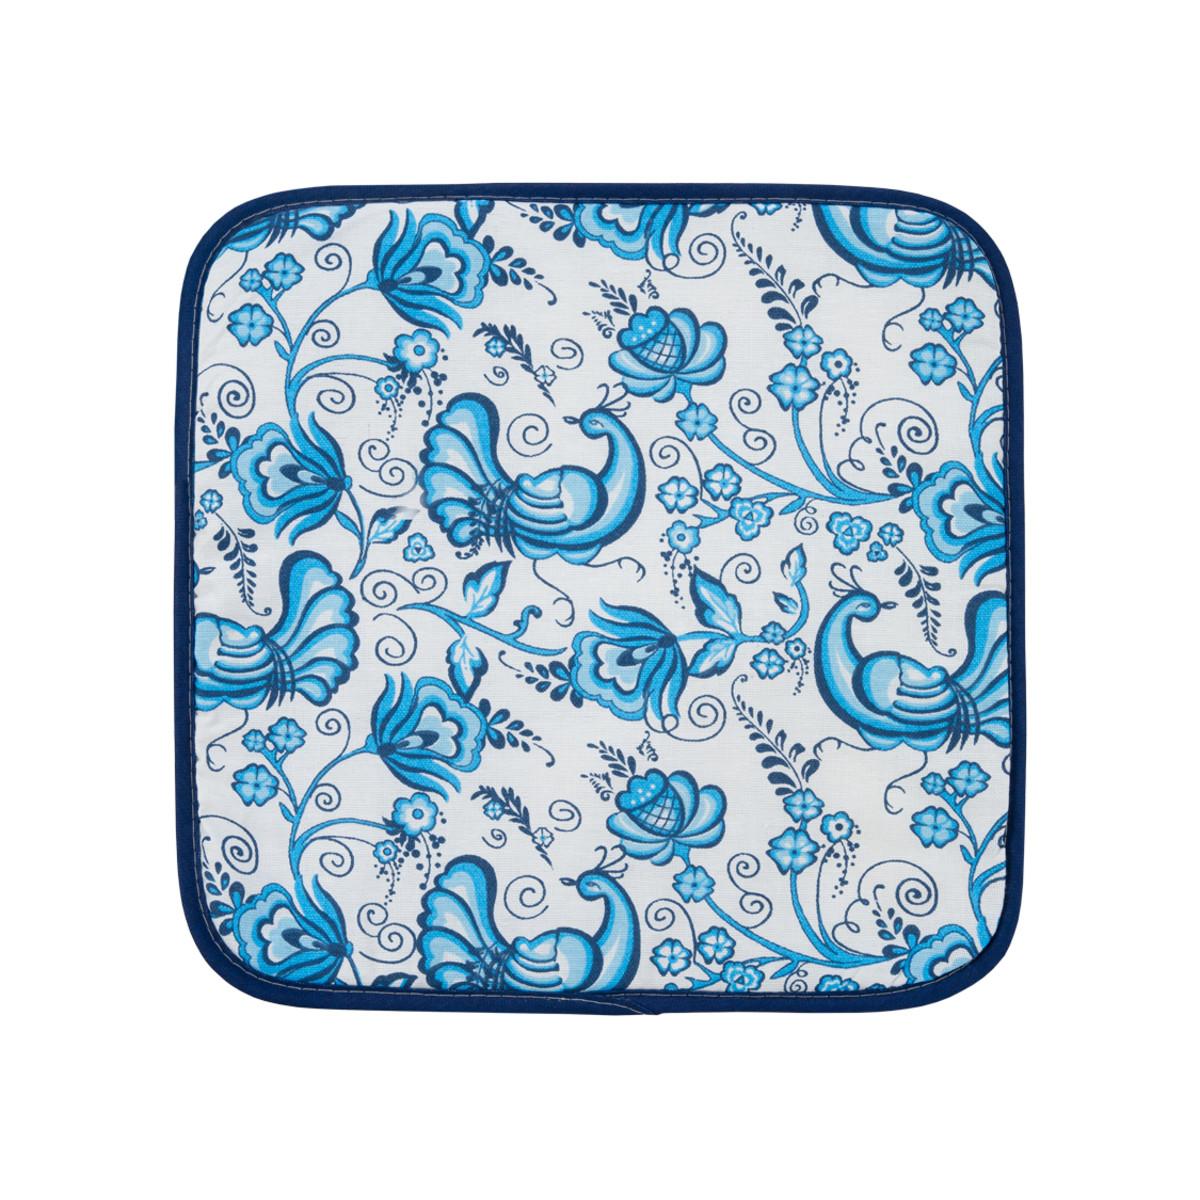 Подушка на стул Guten Morgen Синяя птица 40х40 см